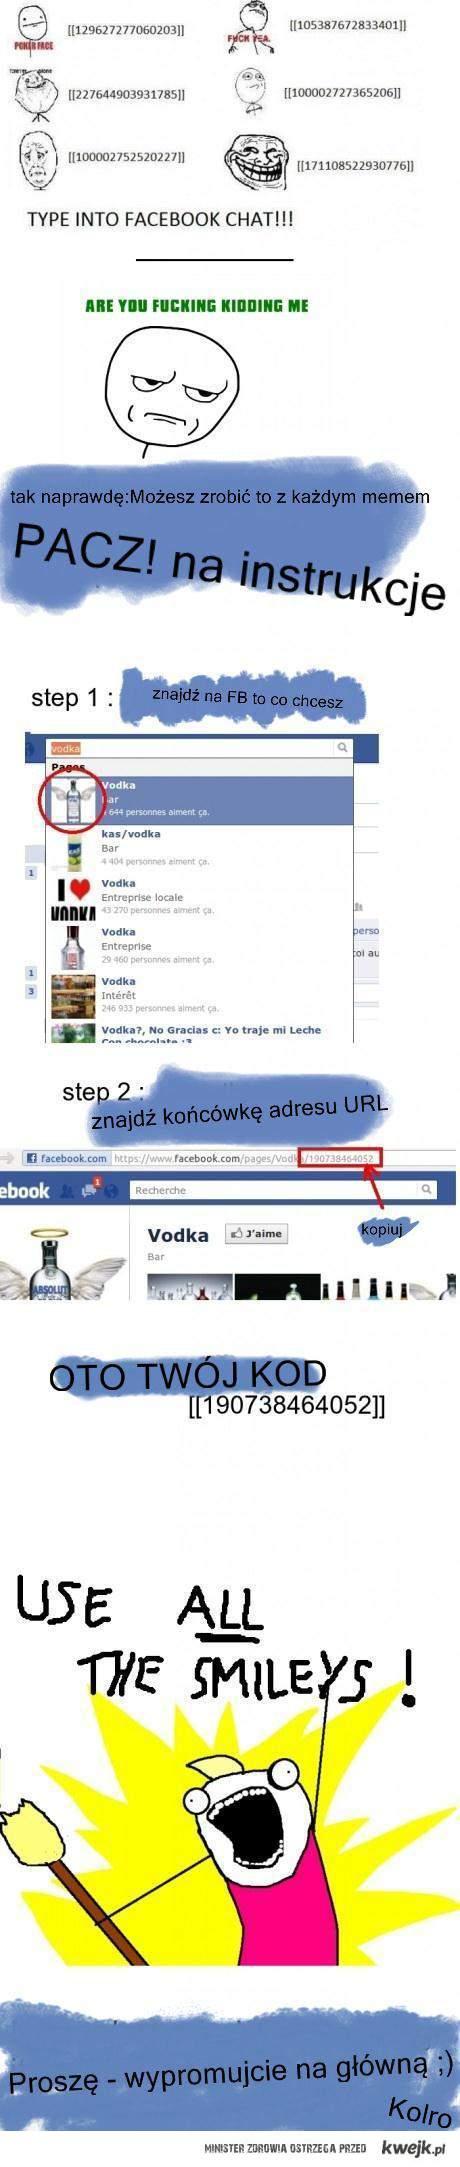 MEMY na FB